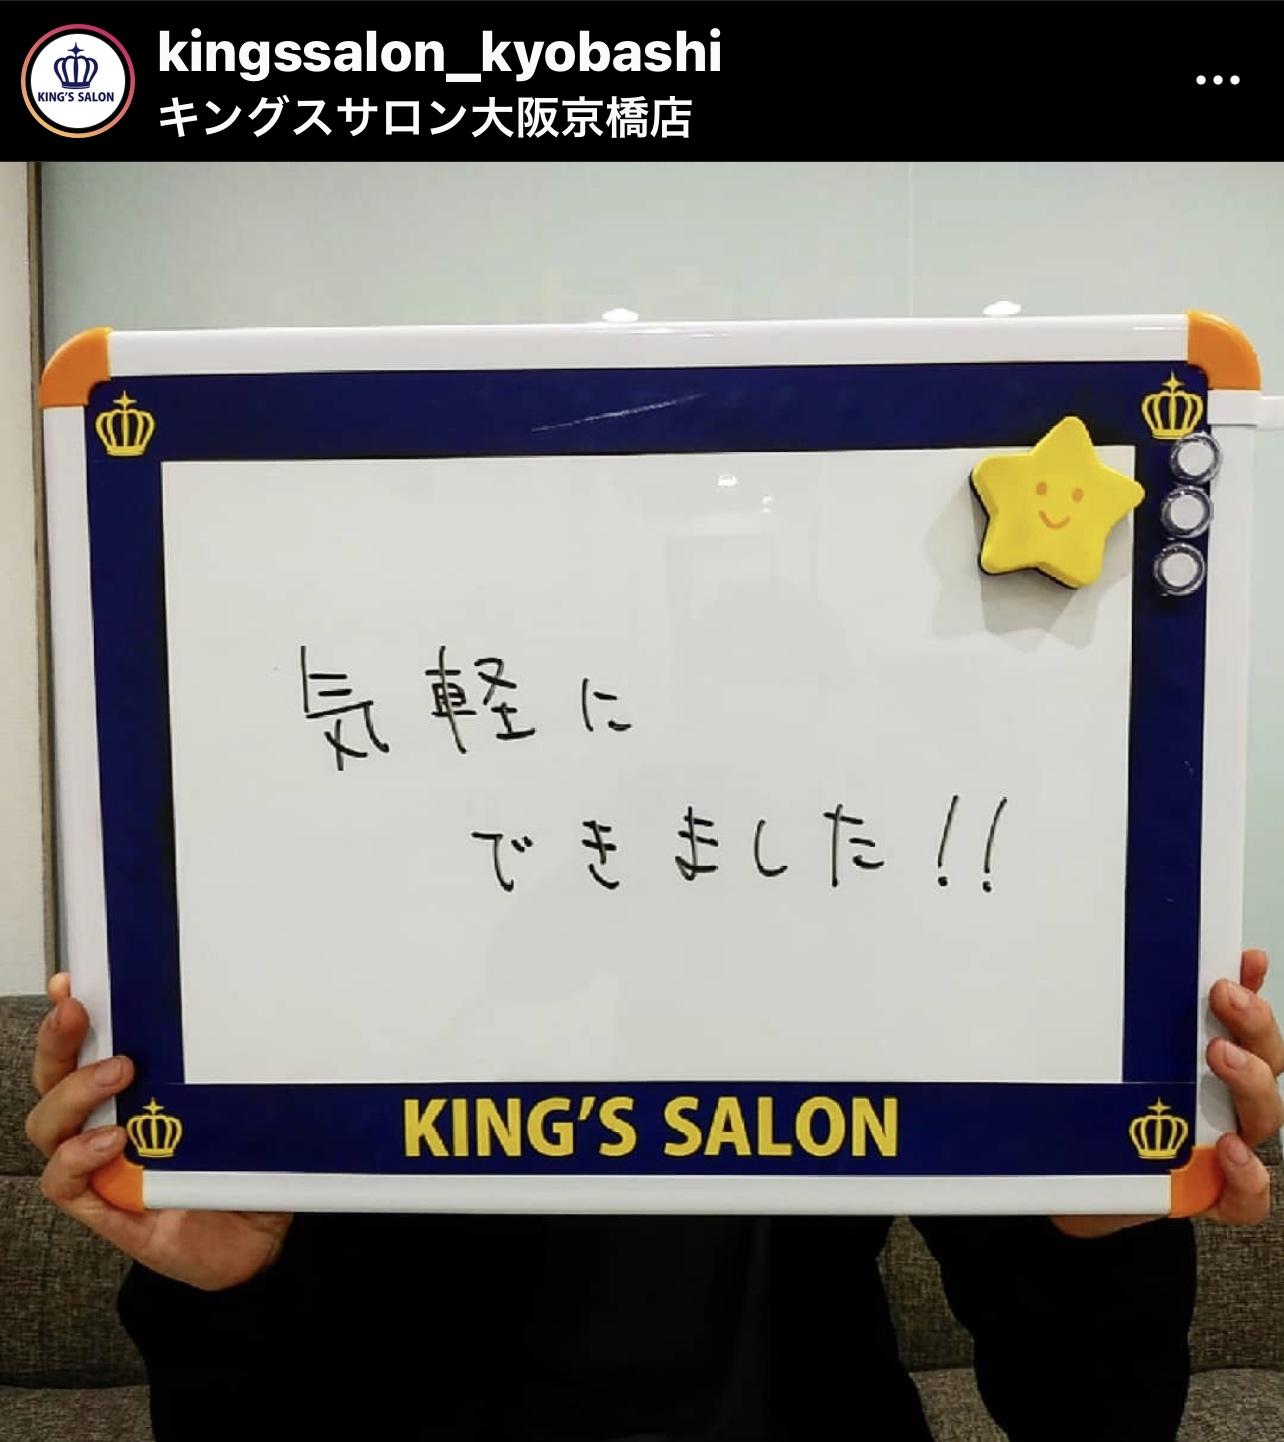 キングスサロン大阪京橋店 お客様の声 サムネイル画像